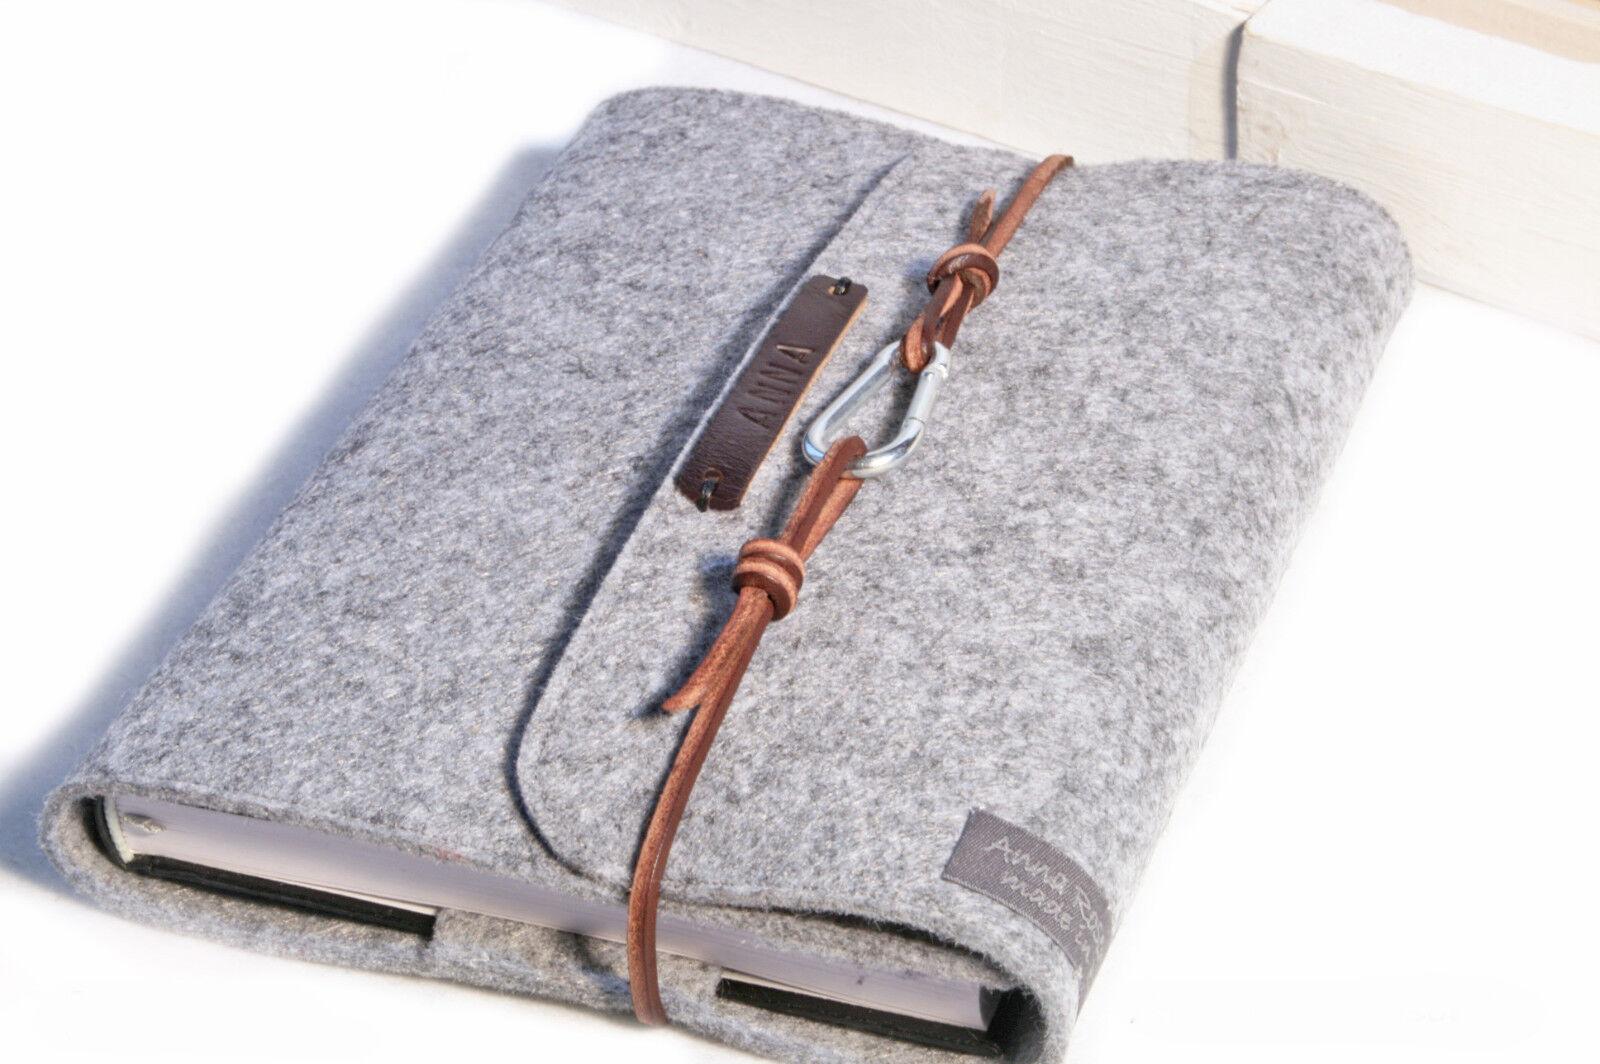 Kalender Notizbuch Hülle PERSONALISIERT A5 grau Filz Leder Geschenk Frau Mann | Modern Und Elegant  | Charakteristisch  | Zuverlässige Qualität